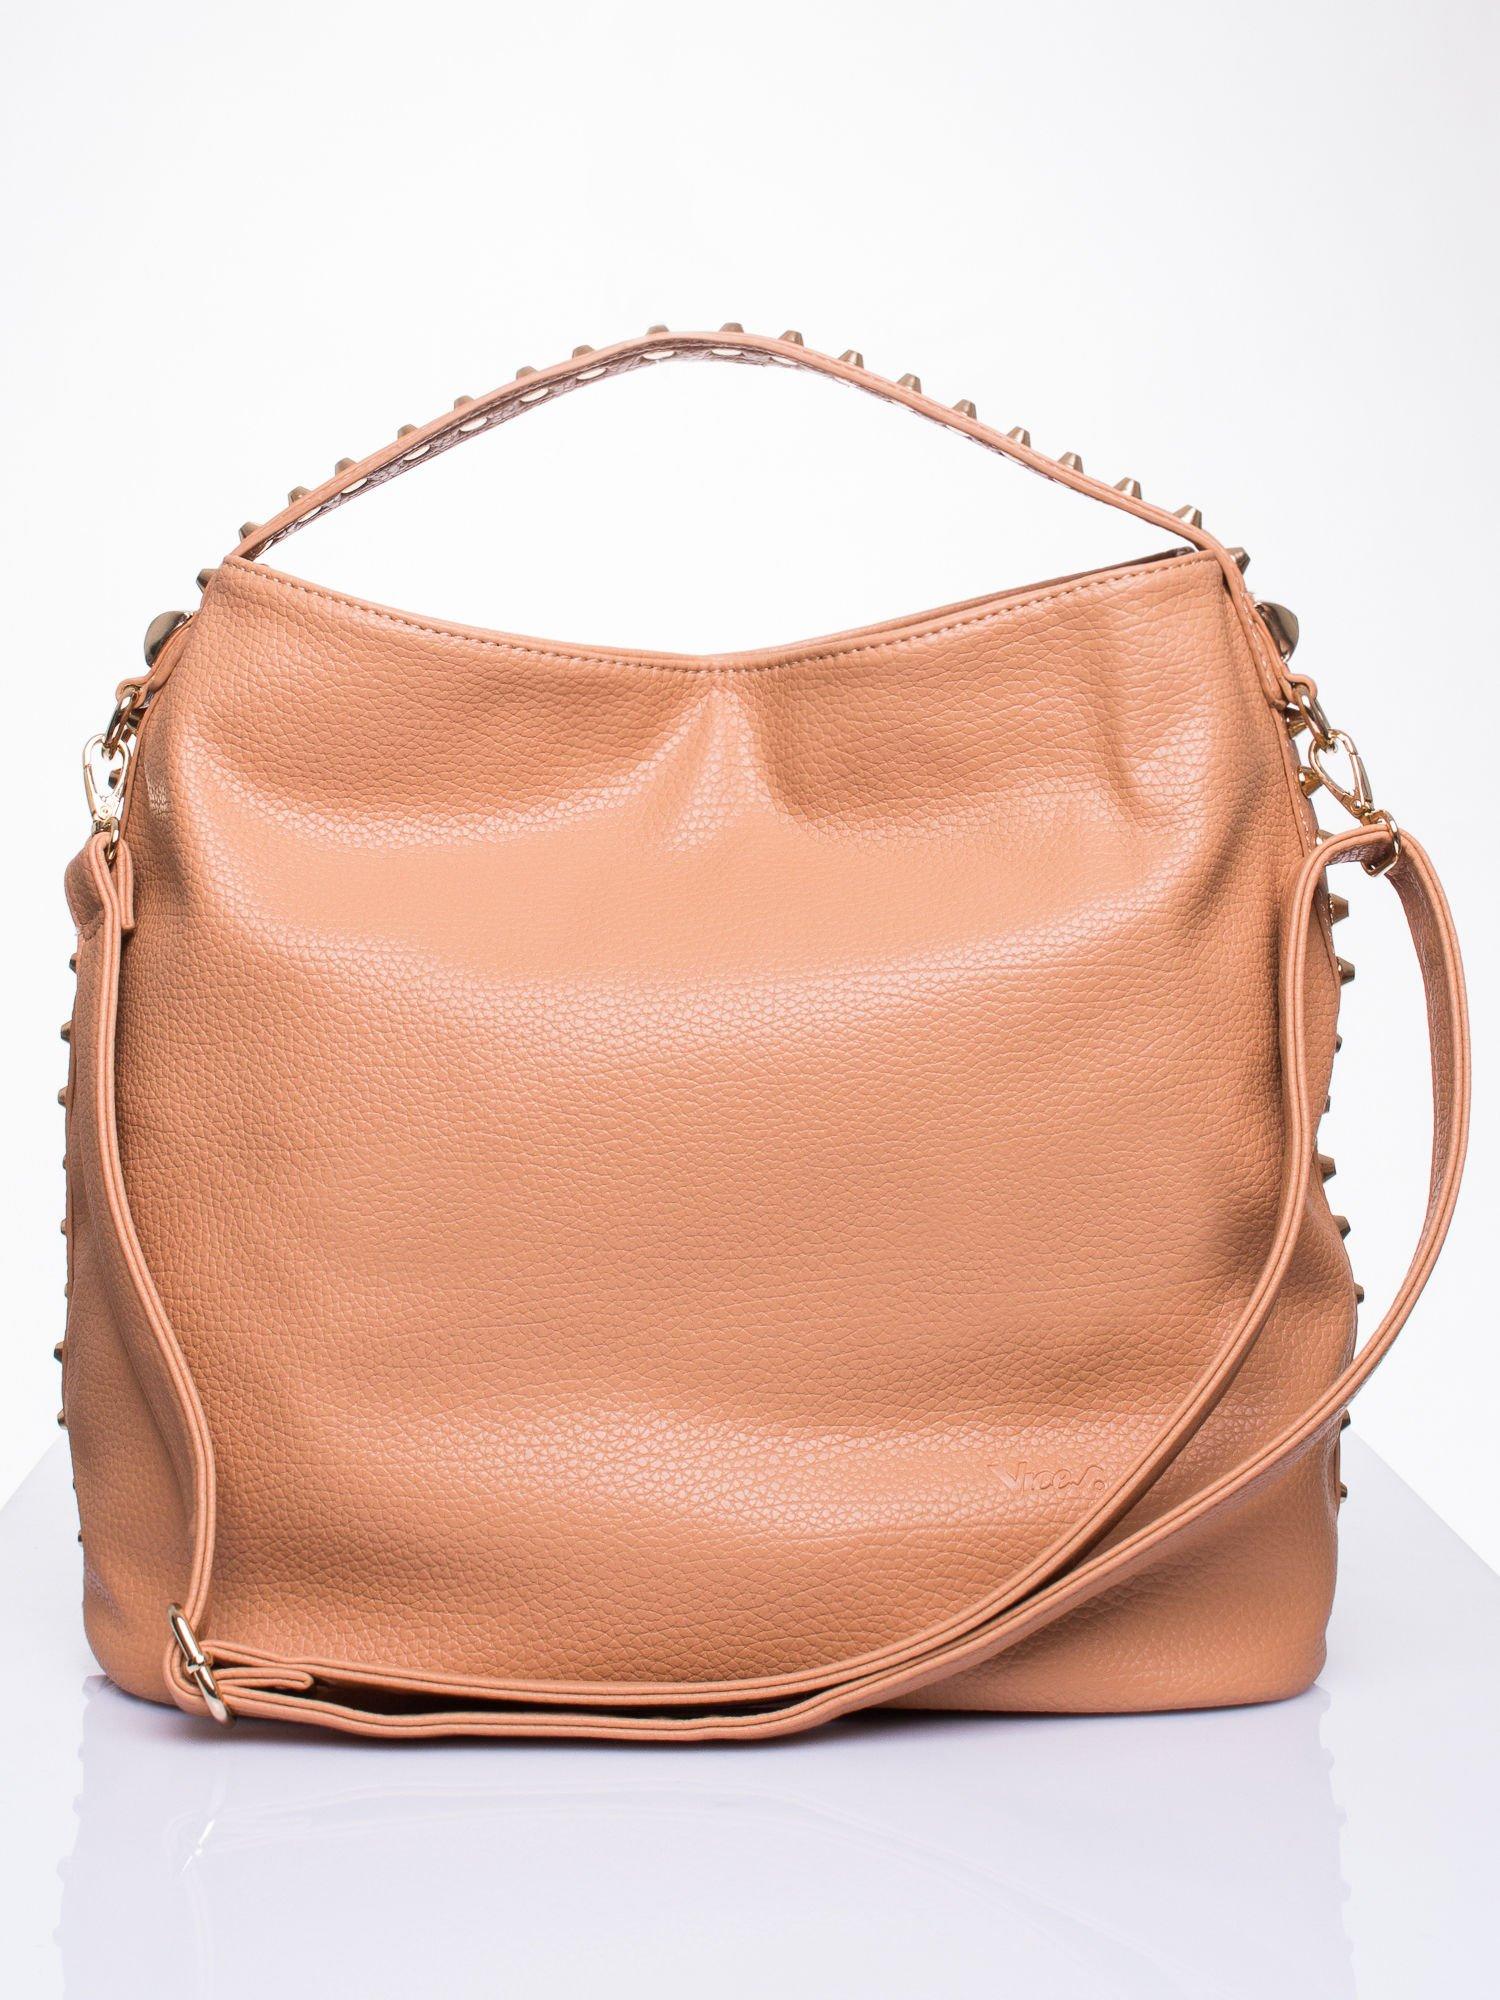 0c0457005e80f Beżowy torba miejska ze złotymi ćwiekami - Akcesoria torba - sklep eButik.pl